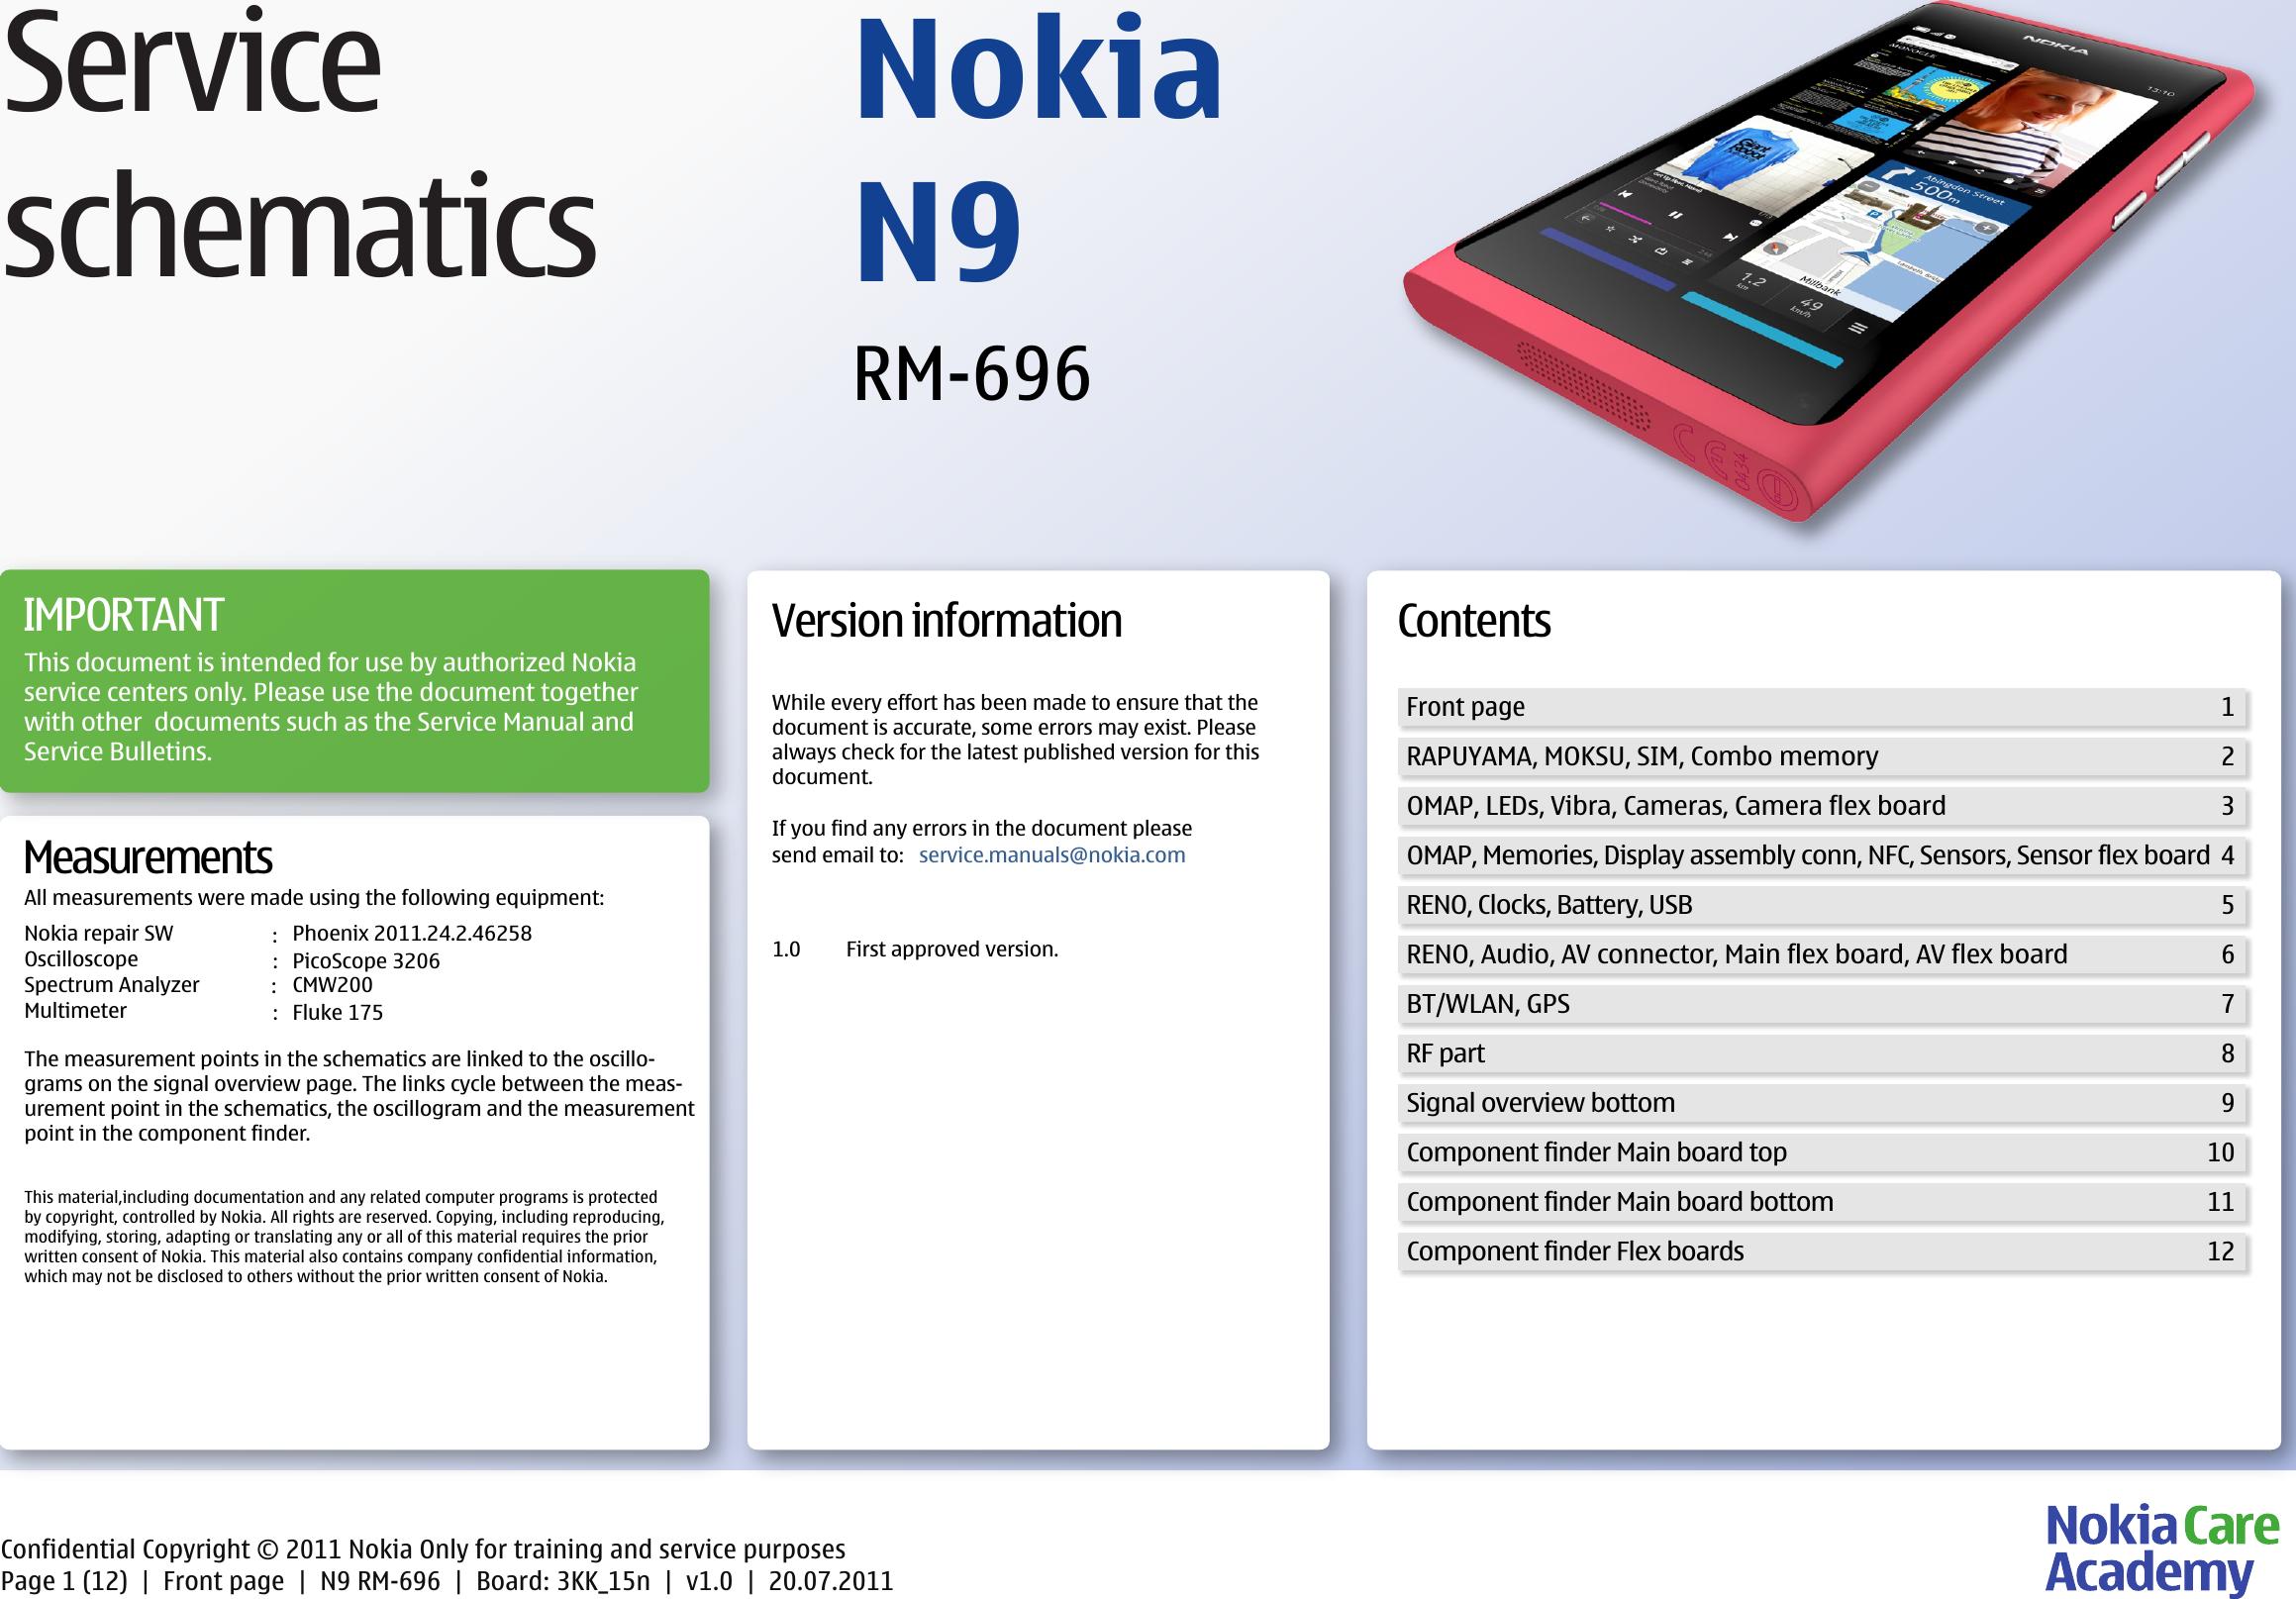 Nokia N9 RM 696 Full Service Schematics V1